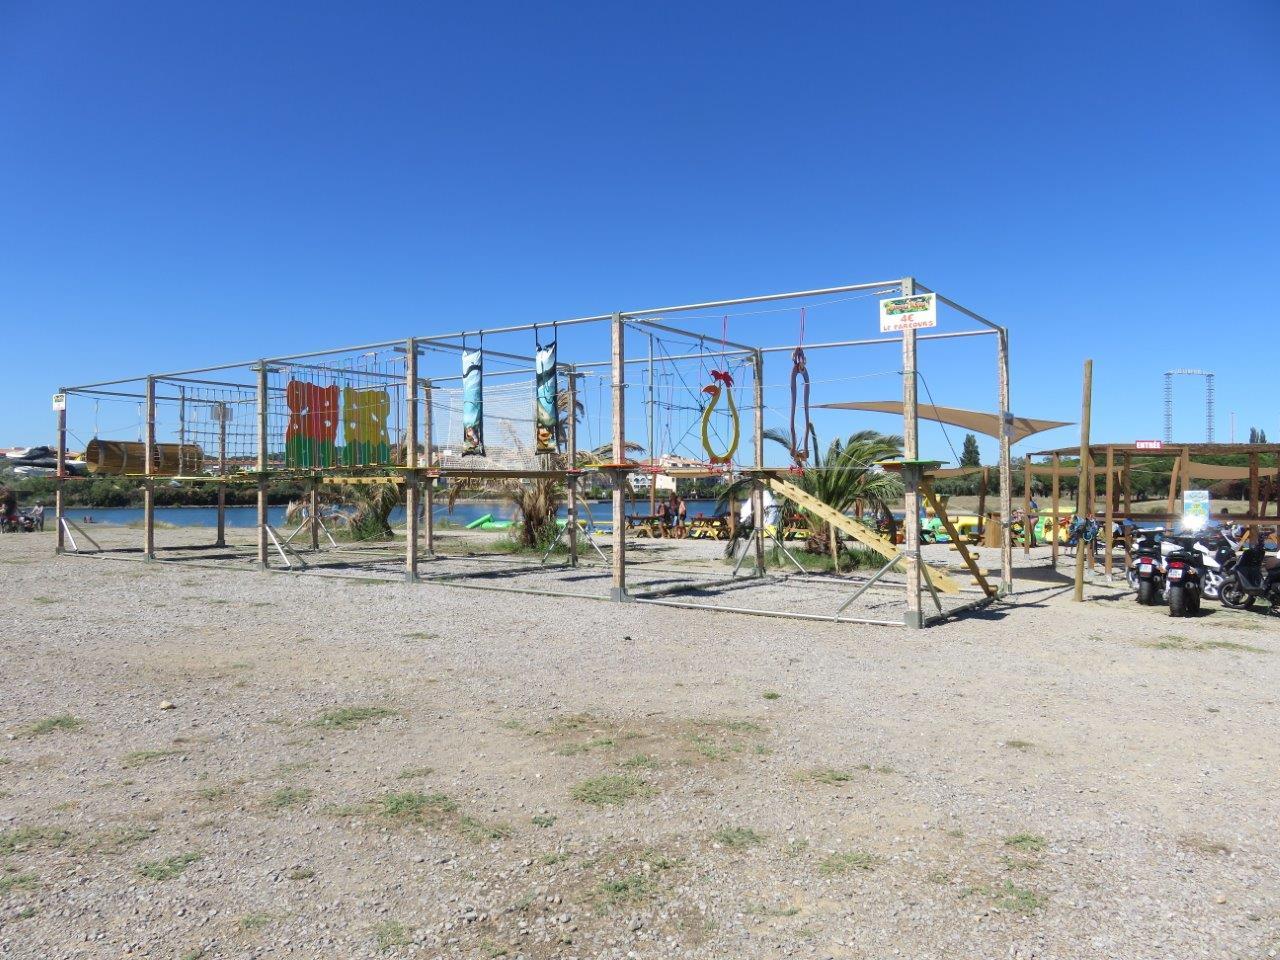 parc de loisirs acrobatique